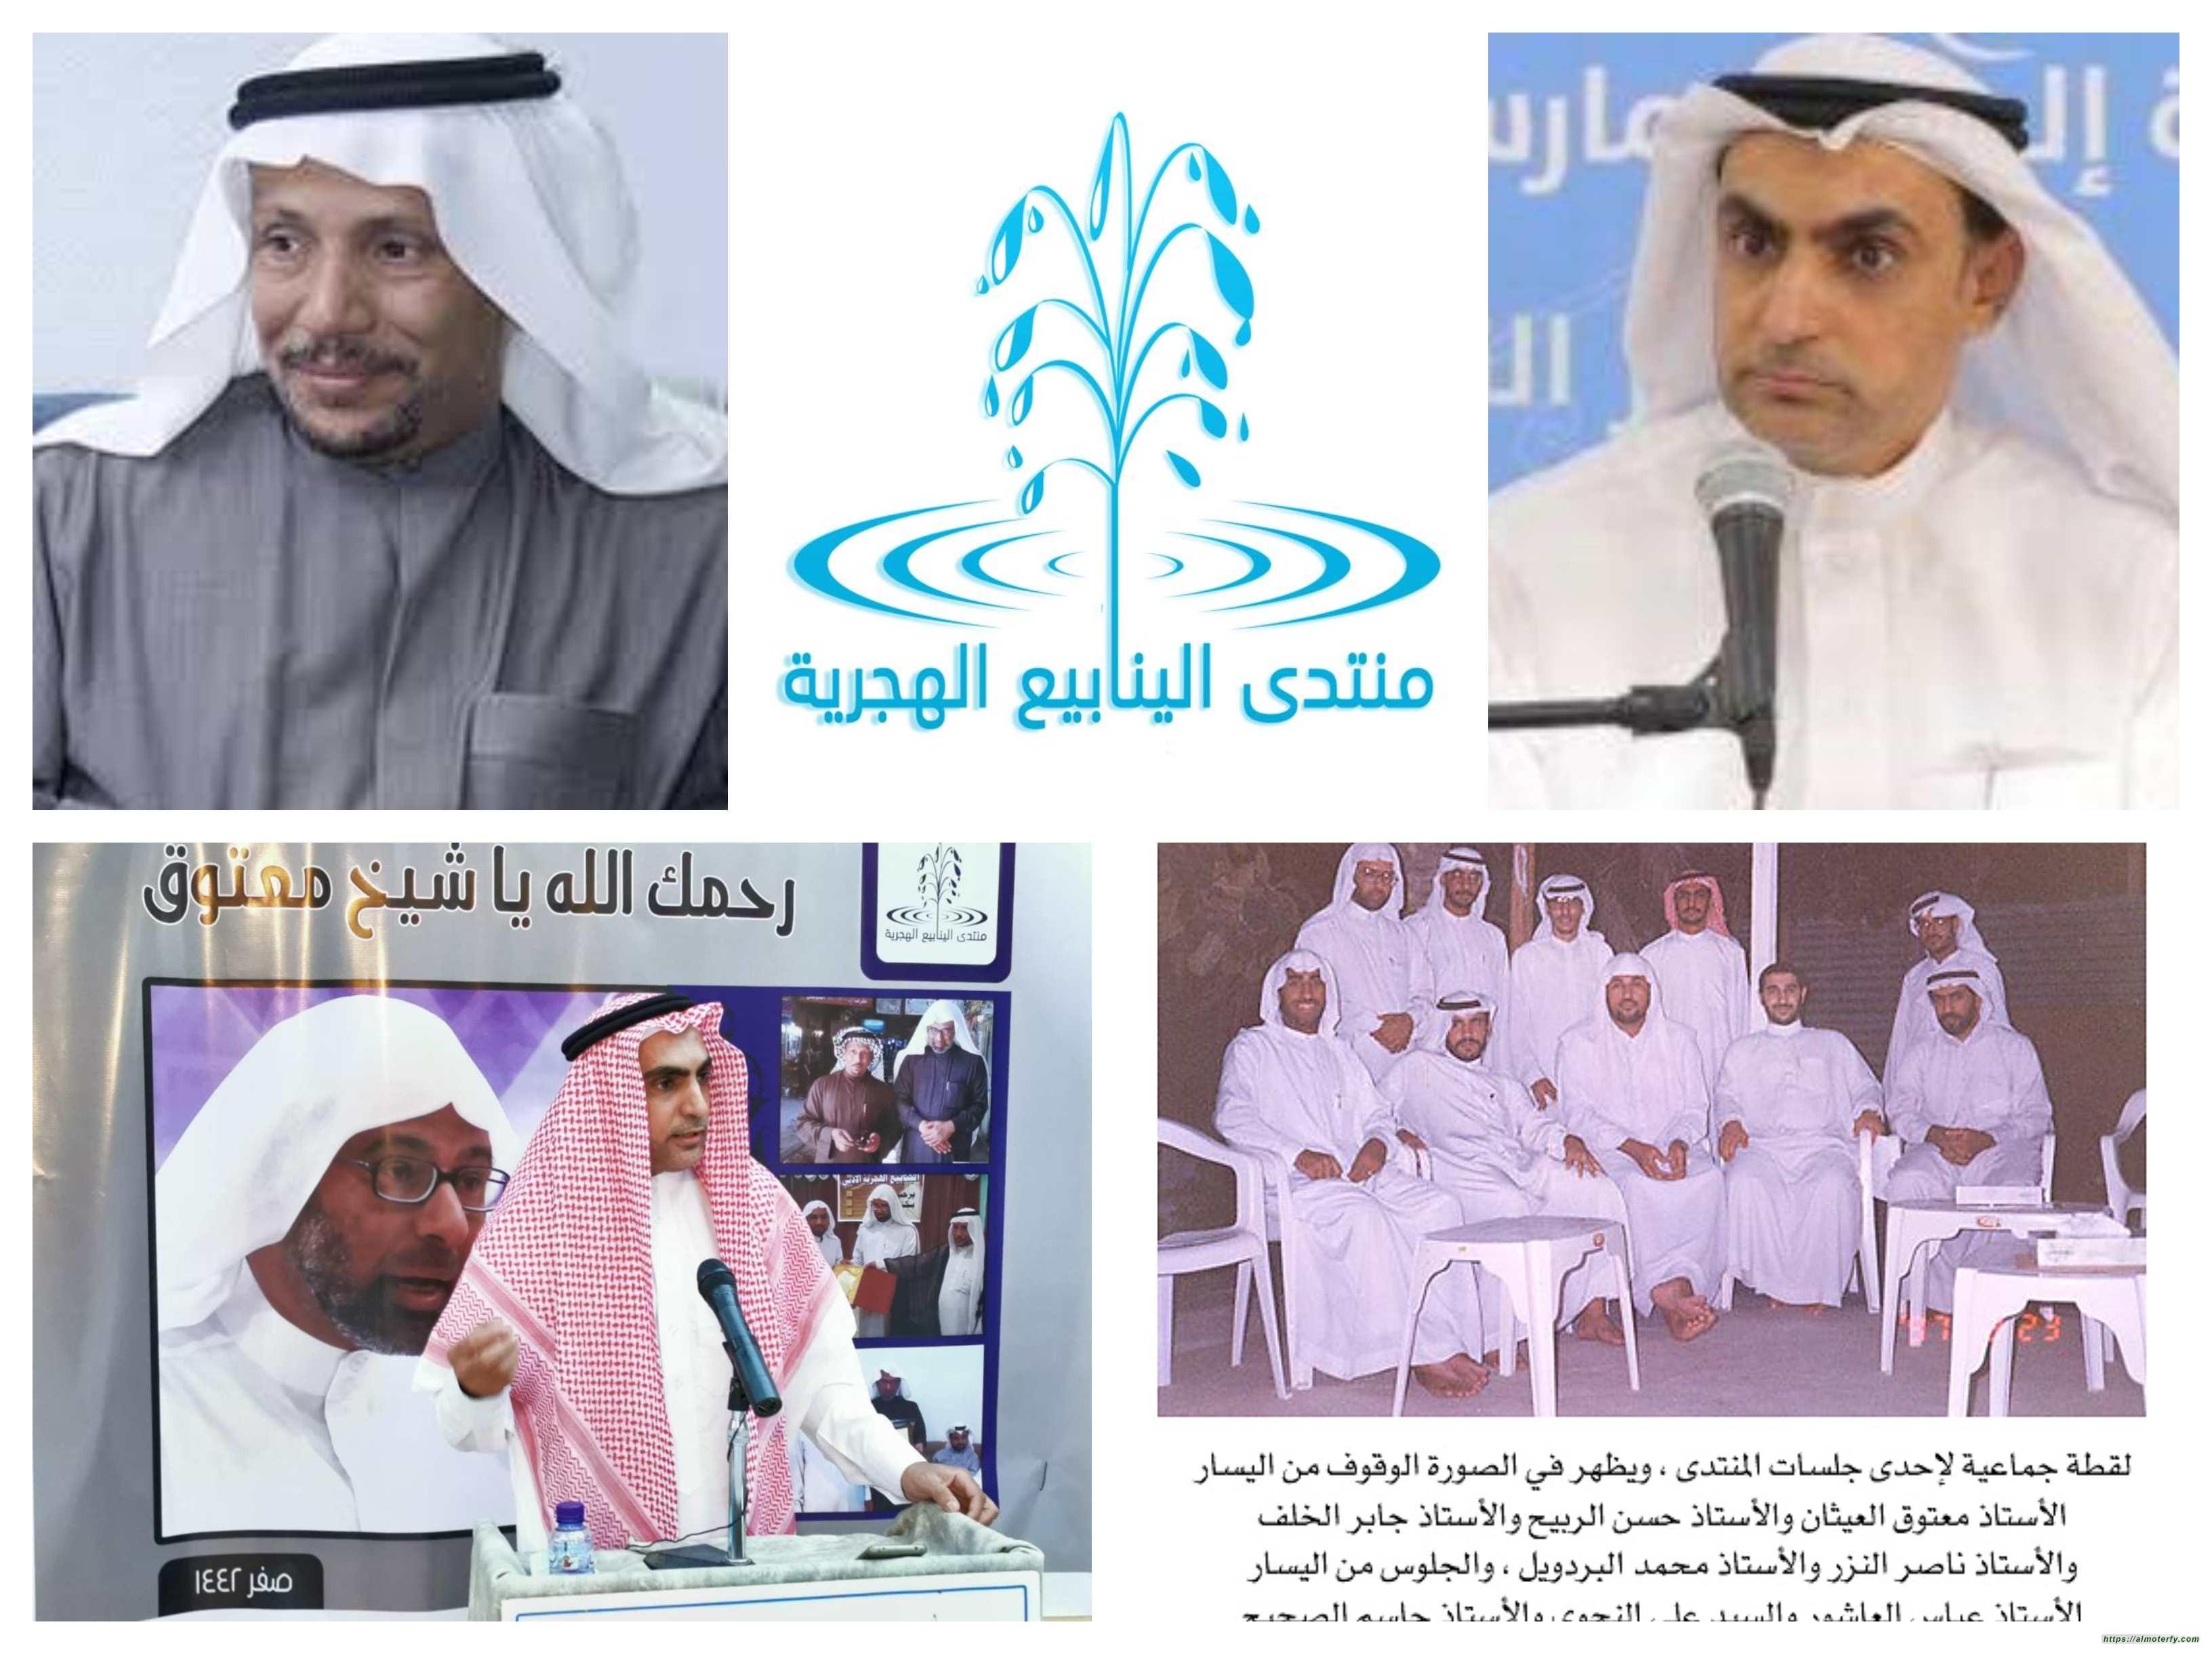 من كتاب ( حكاية الينابيع )  حكاية الدكتور ناصر بن حسين النزر